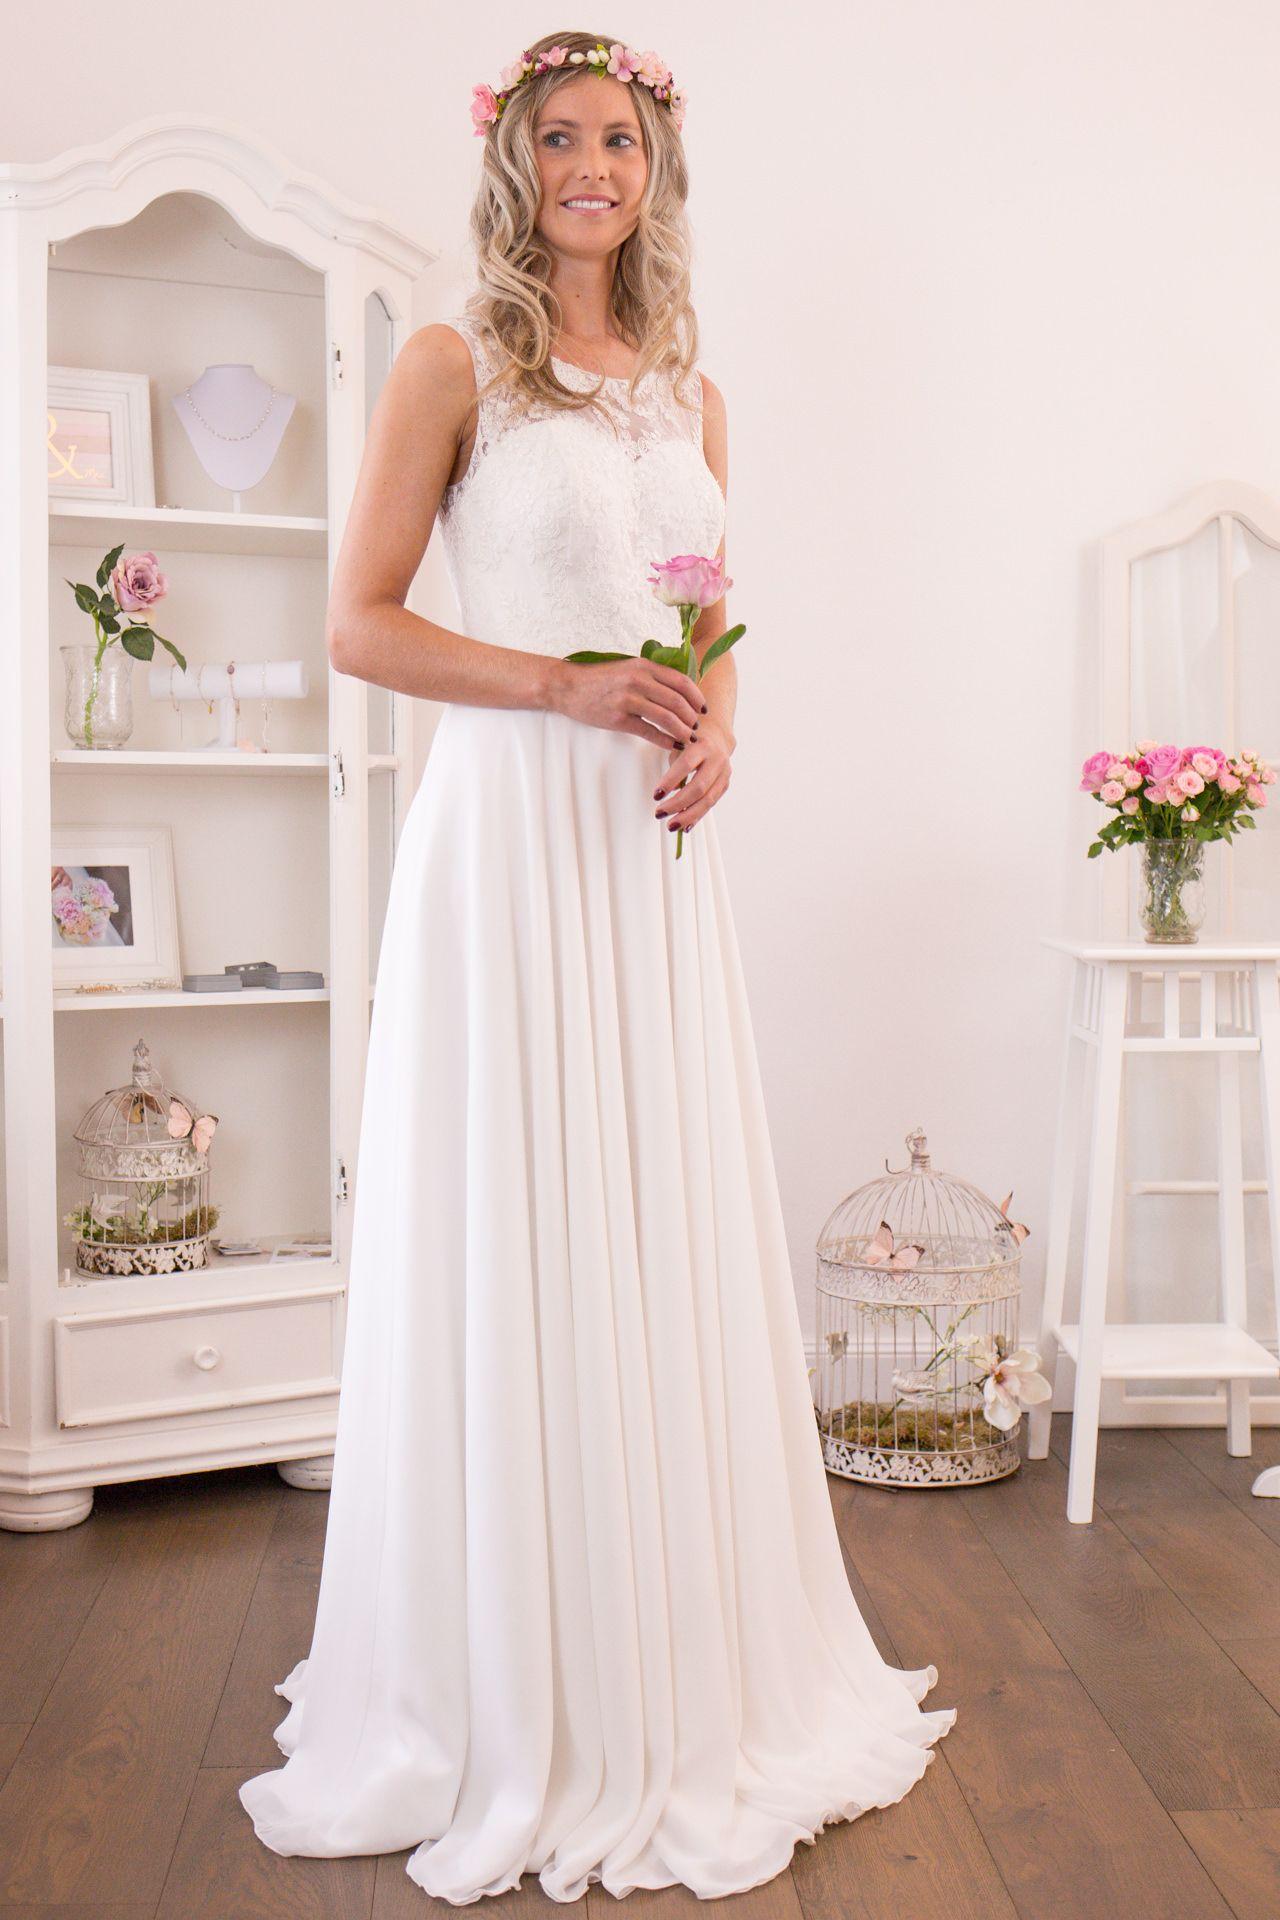 Kollektion (mit Bildern)  Kleid hochzeit, Hochzeitskleid, Kleider